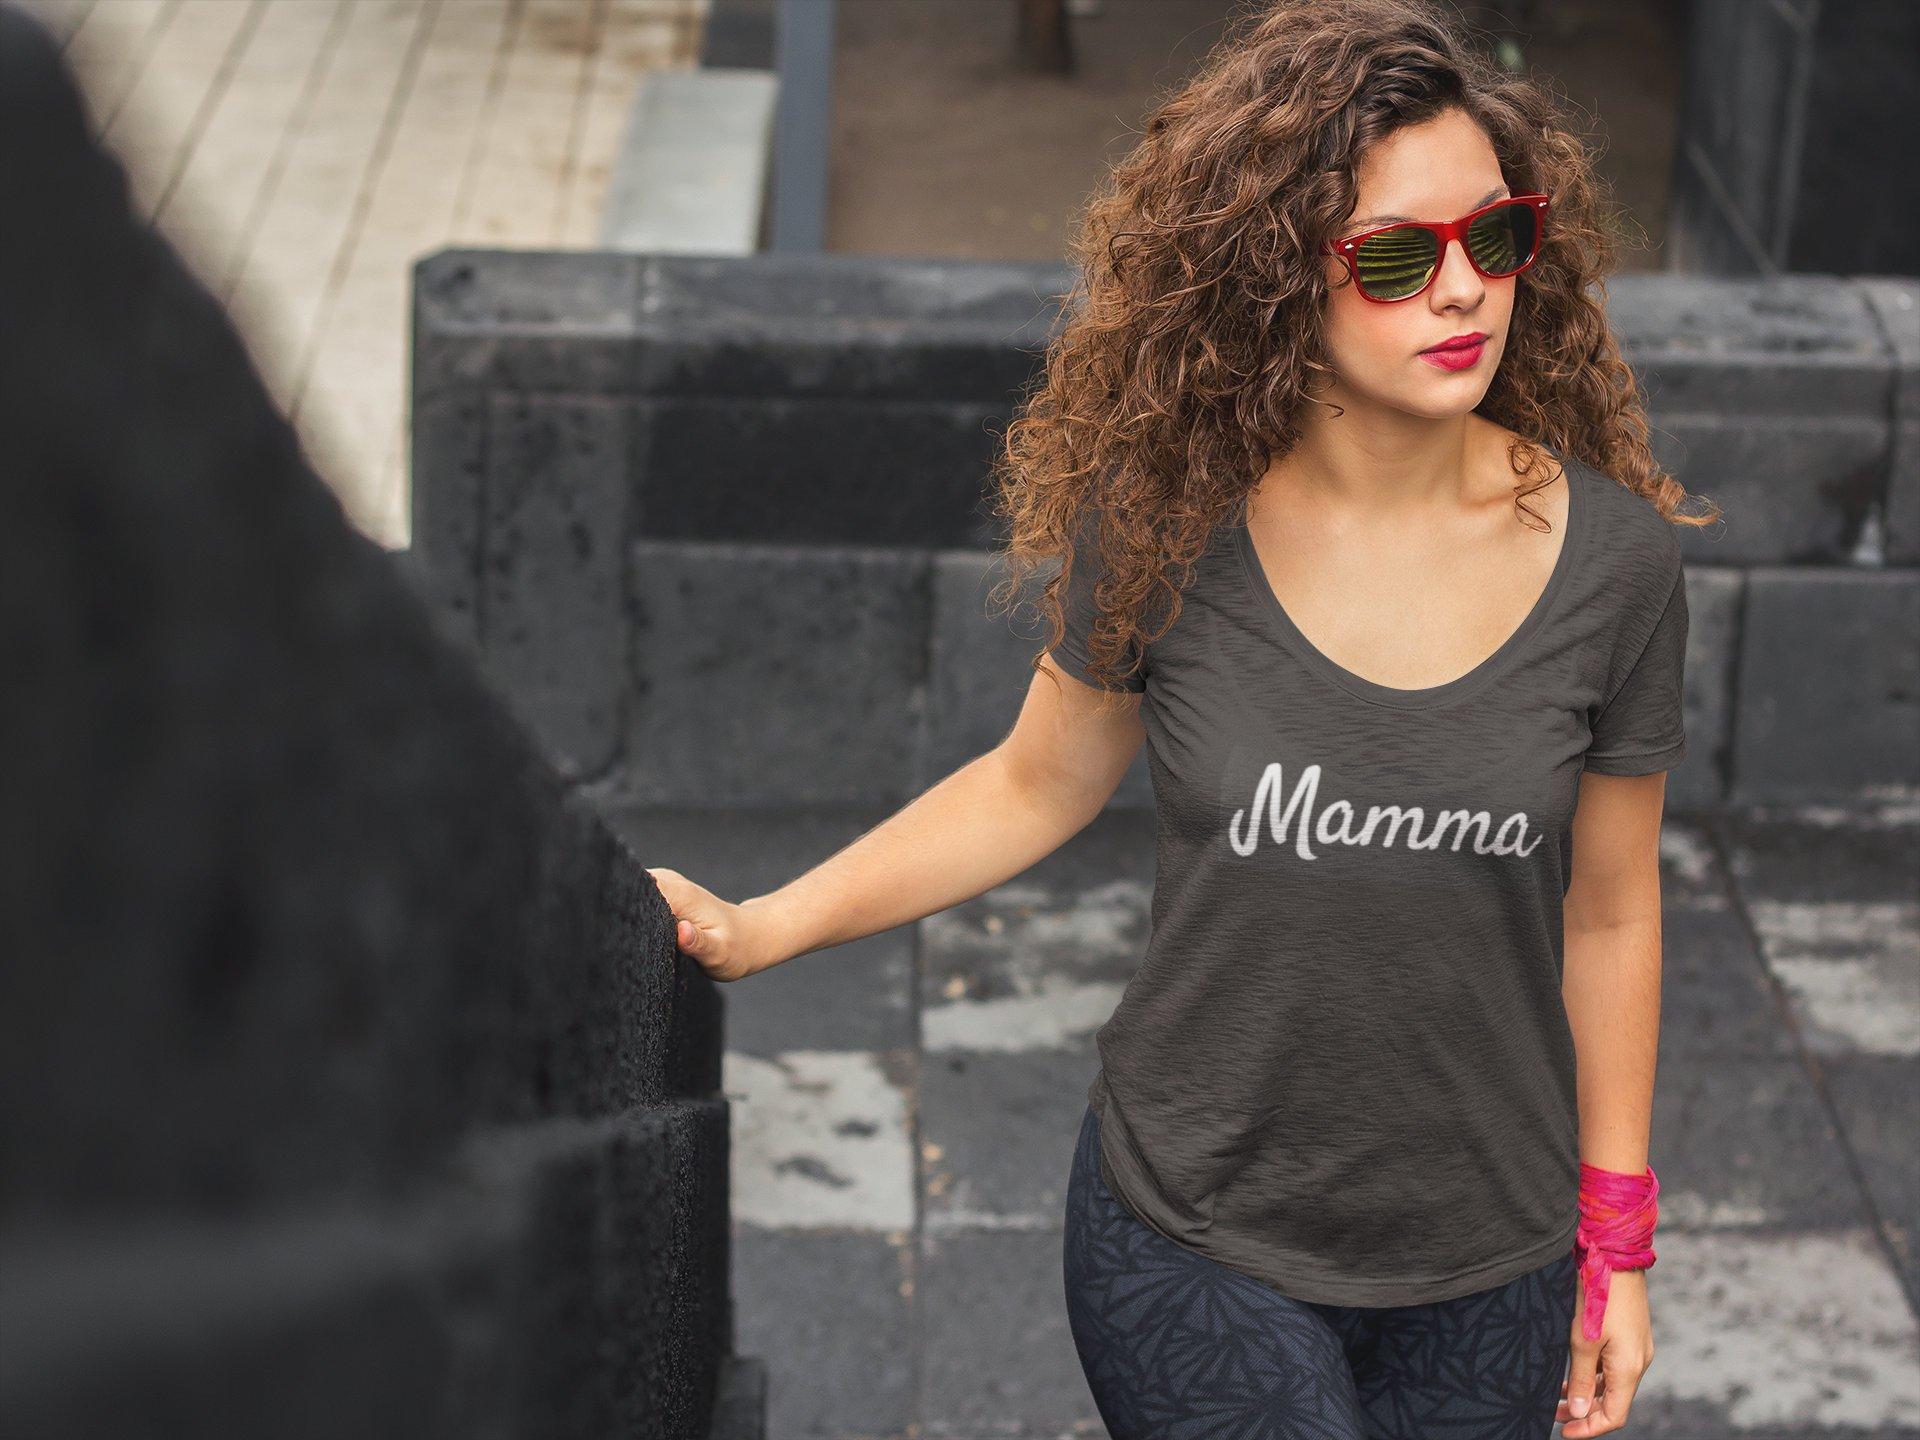 Mammaprada Italian Travel and Bilingual Parenting Blog | Shop multilingual T-shirts | Cultural T-shirts | Customization language T-shirts | Mamma T-shirt | Mamma Italian T-shirt